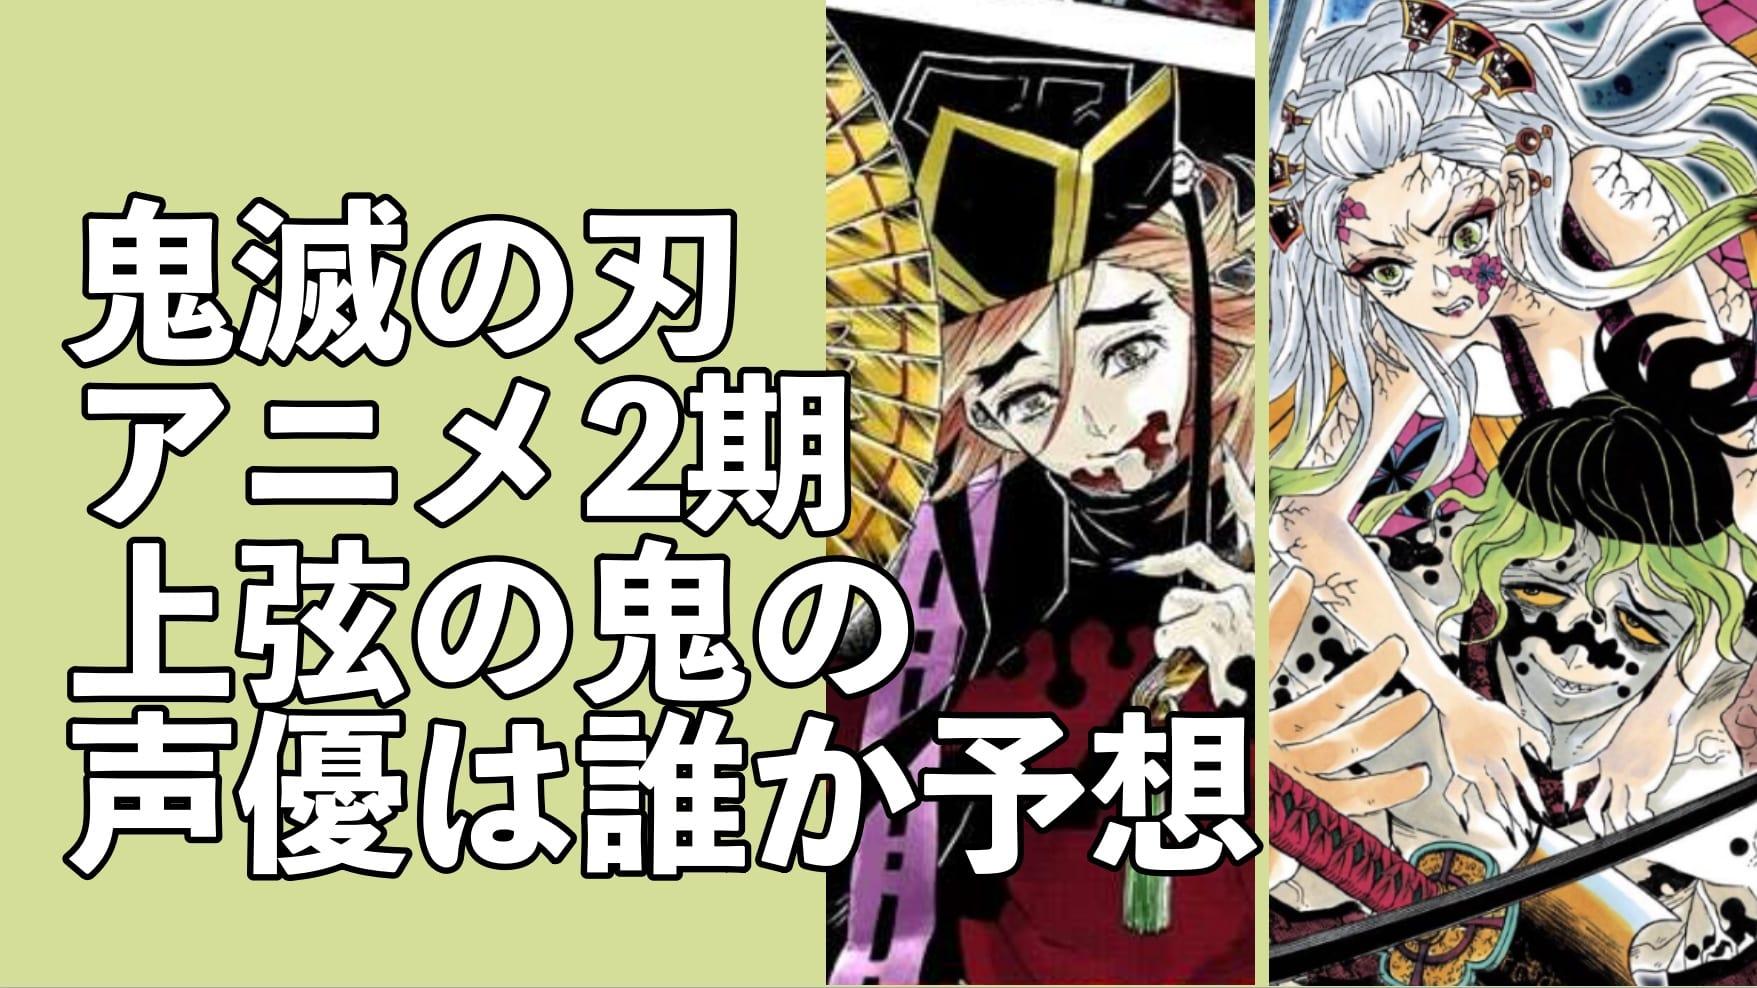 2 アニメ 期 滅 鬼